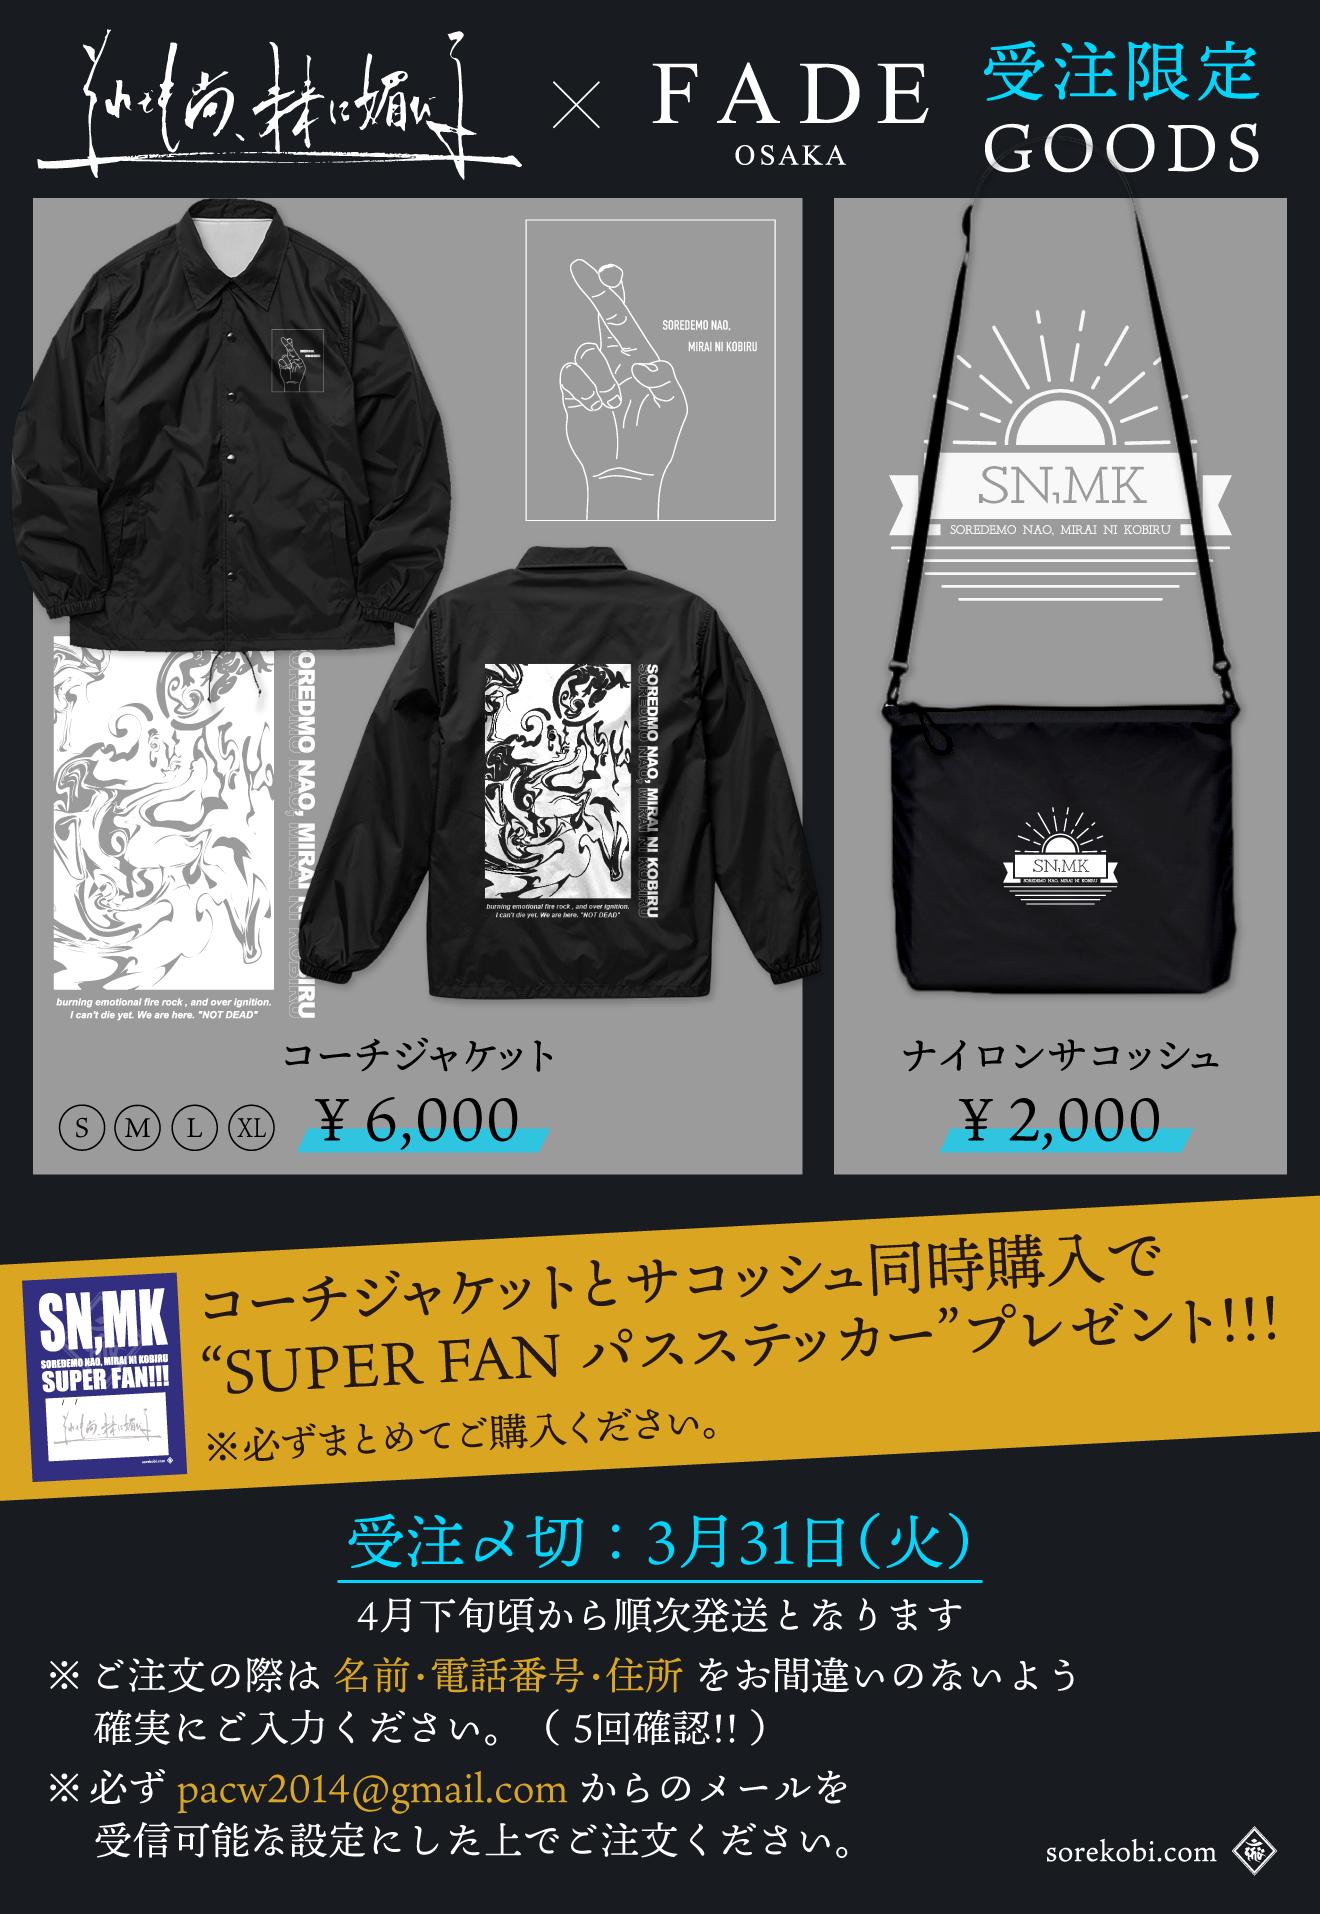 【NEW GOODS】FADE OSAKA限定で受注販売受付開始